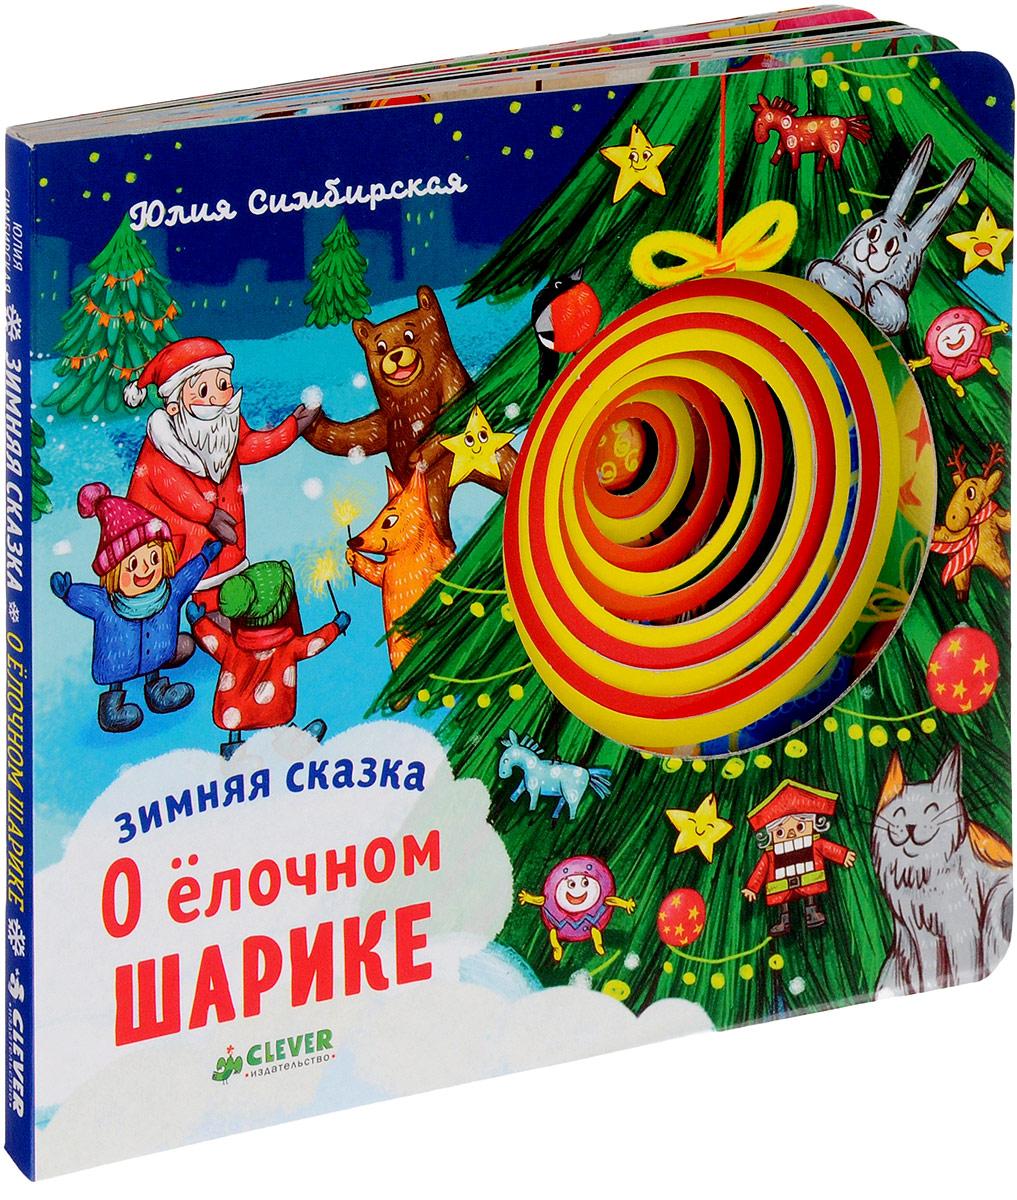 Юлия Симбирская О ёлочном шарике. Зимняя сказка